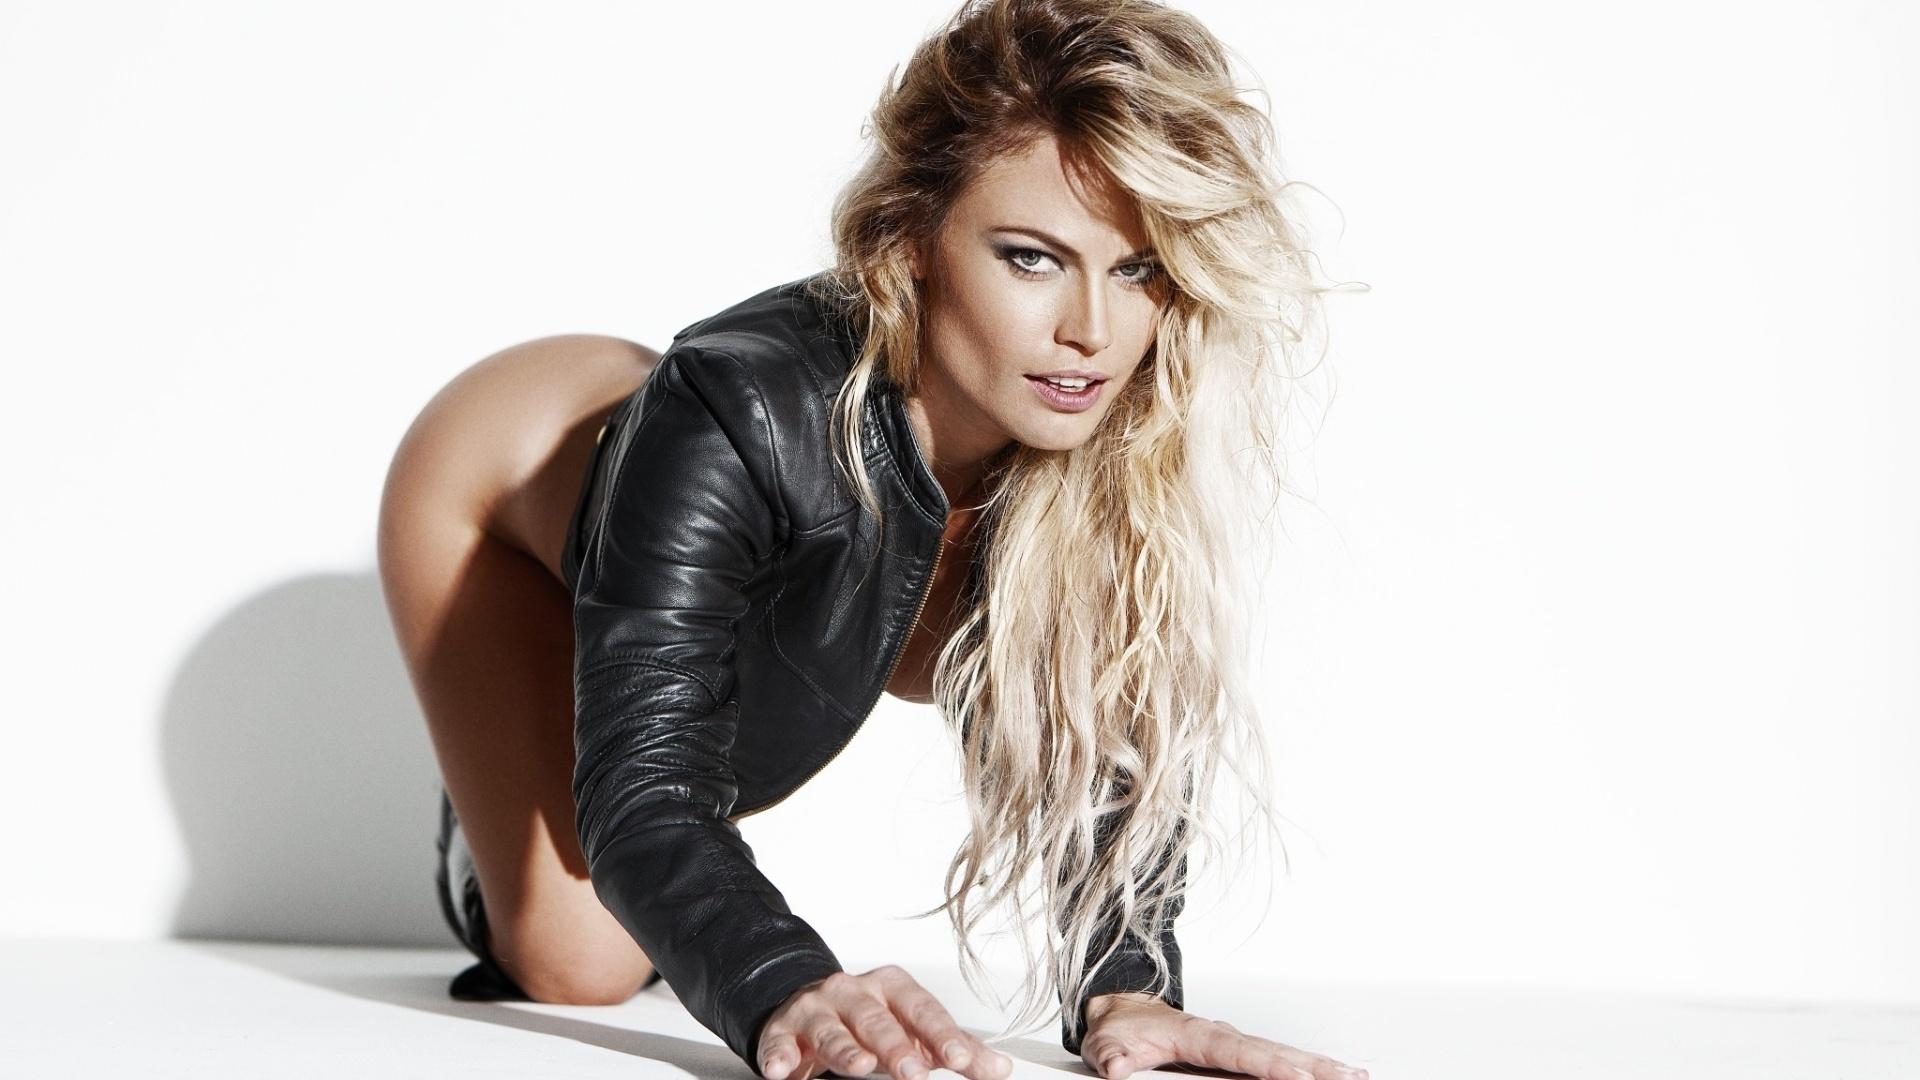 4.nov.2016 - Natalia Casassola posou para um novo ensaio sensual, desta vez no site Diamond Brazil. A ex-BBB tirou a roupa e mostrou suas curvas e, claro, suas tatuagens. Aos 31 anos, a loira revelou recentemente que está solteira e os homens têm medo dela